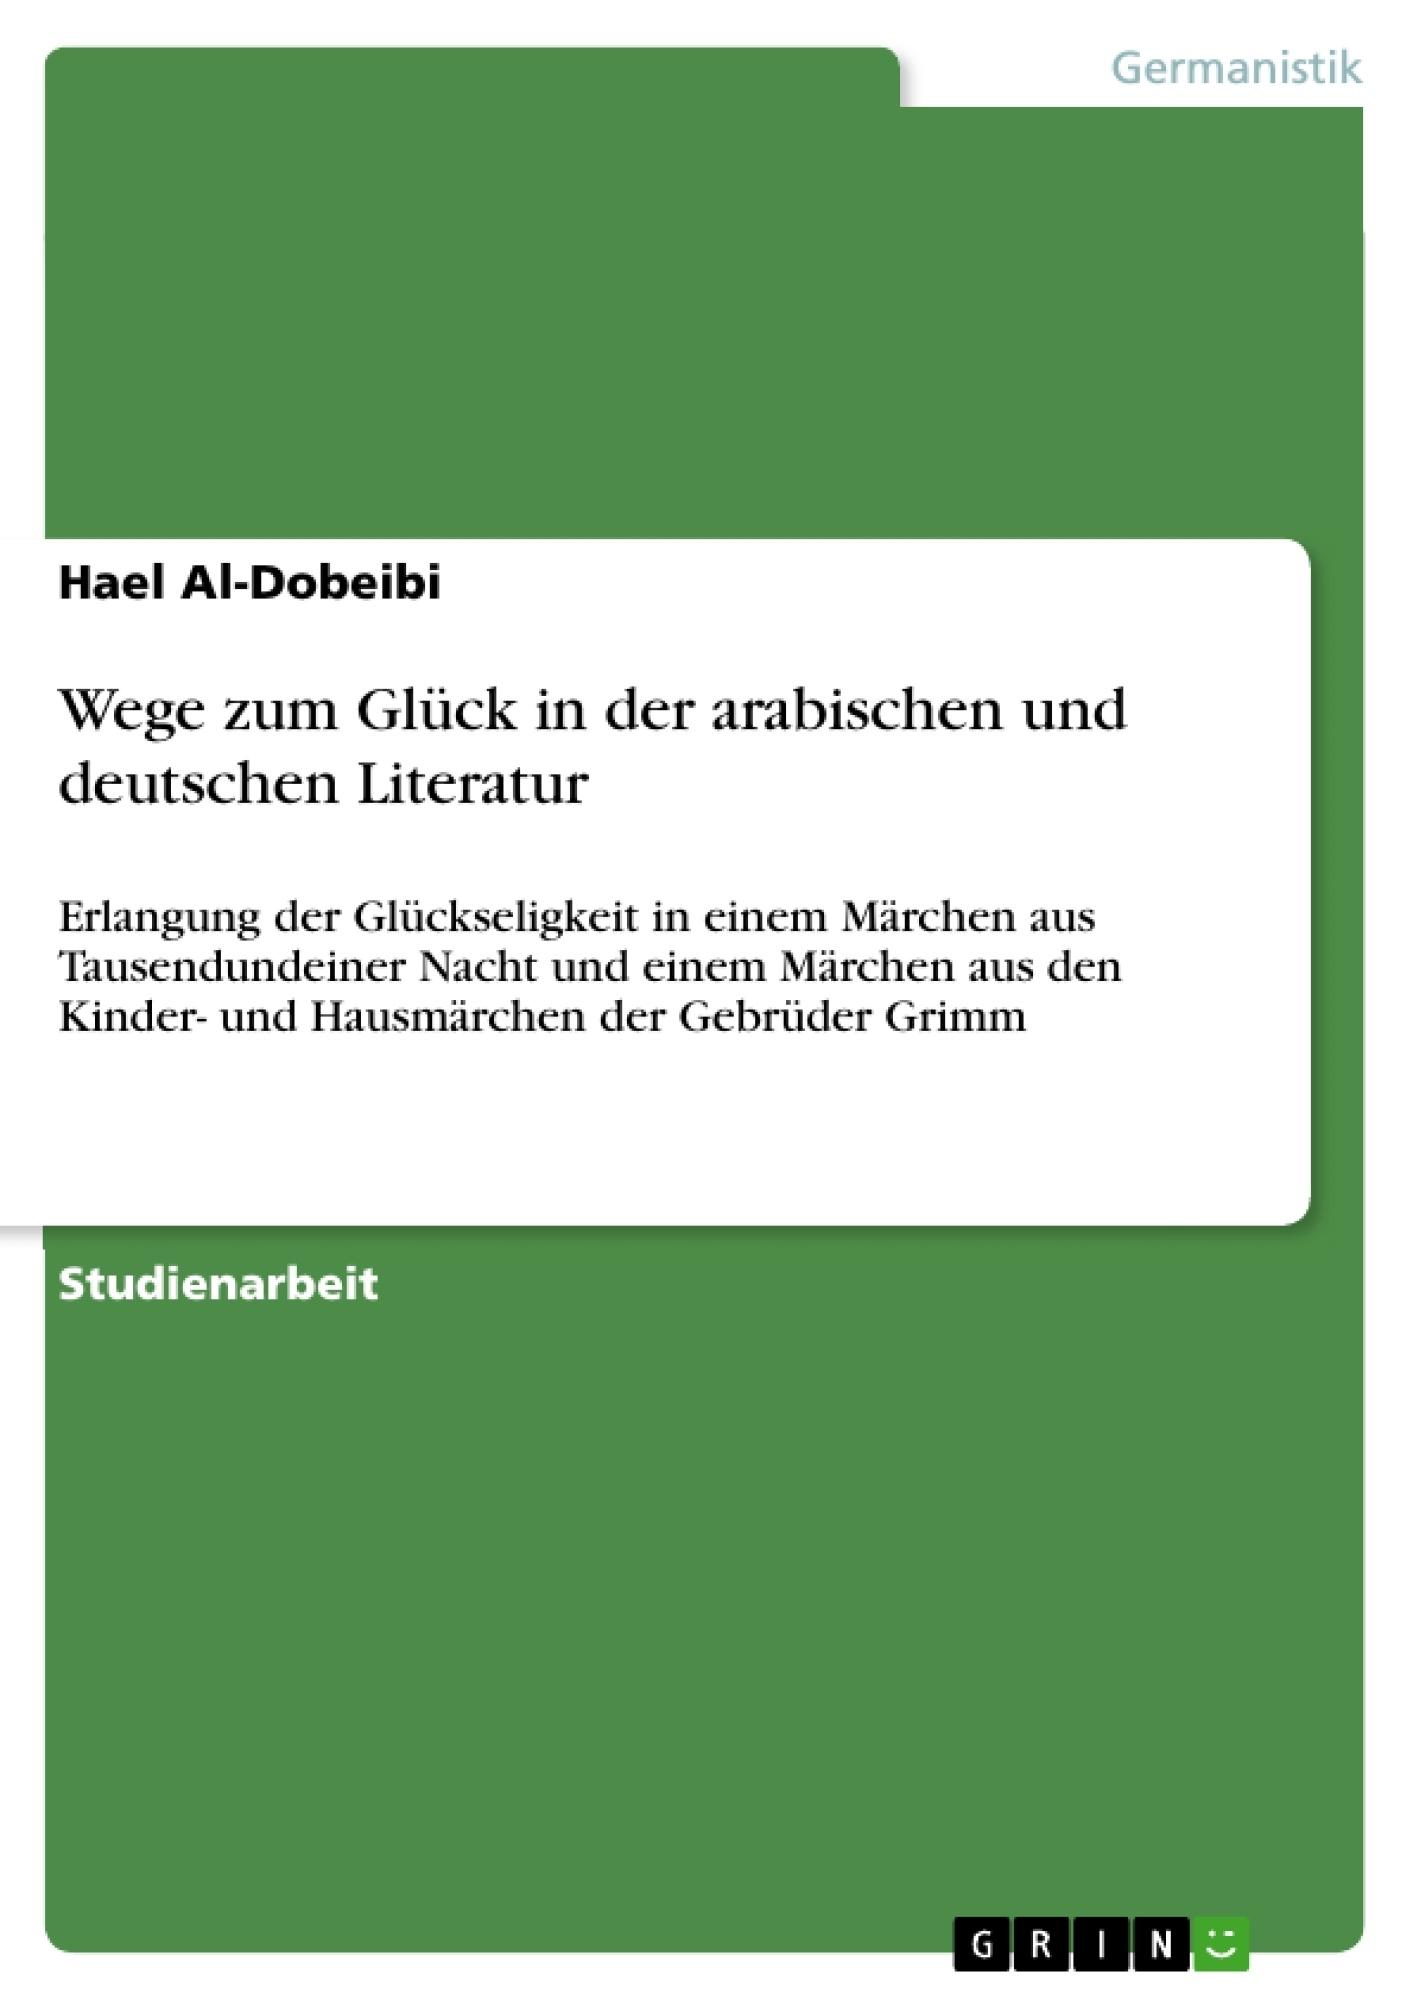 Titel: Wege zum Glück in der arabischen und deutschen Literatur